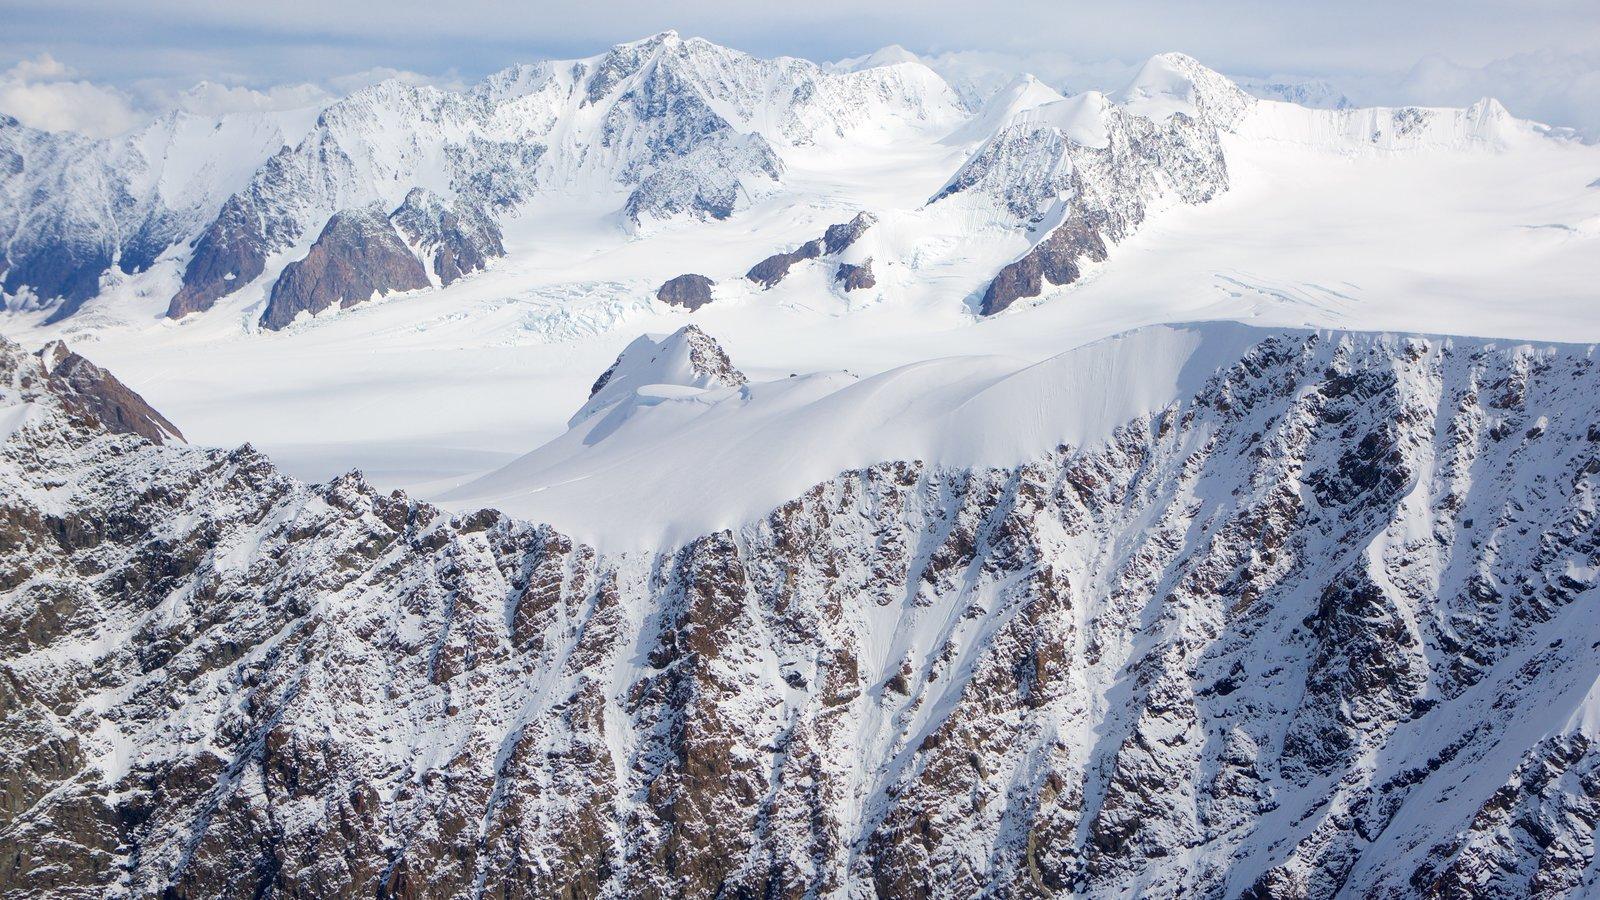 Parque estatal Chugach que incluye nieve y montañas